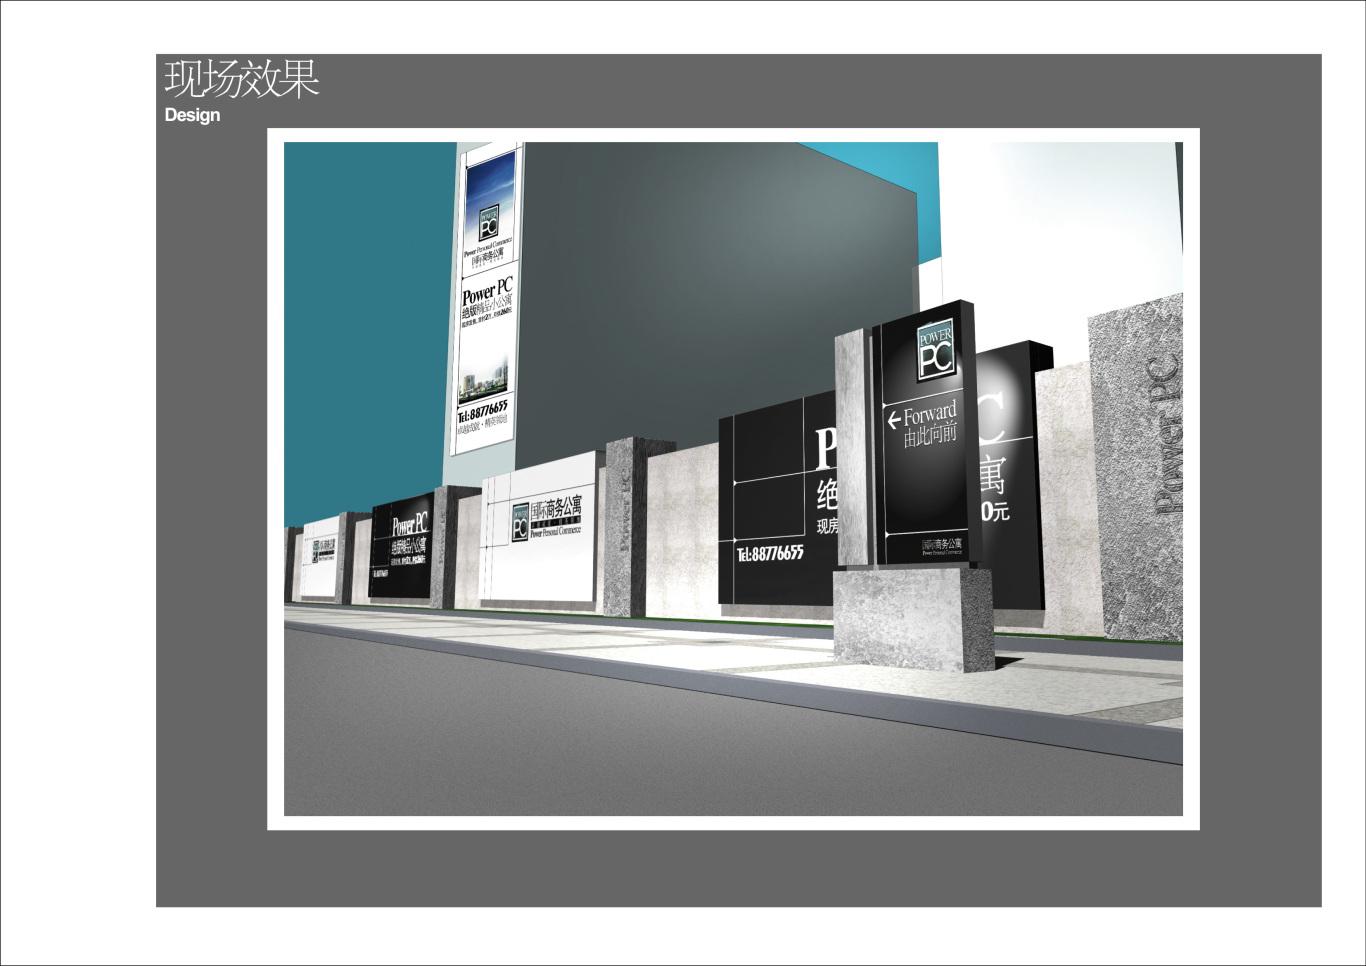 国际商务公寓的整体推广方案图8